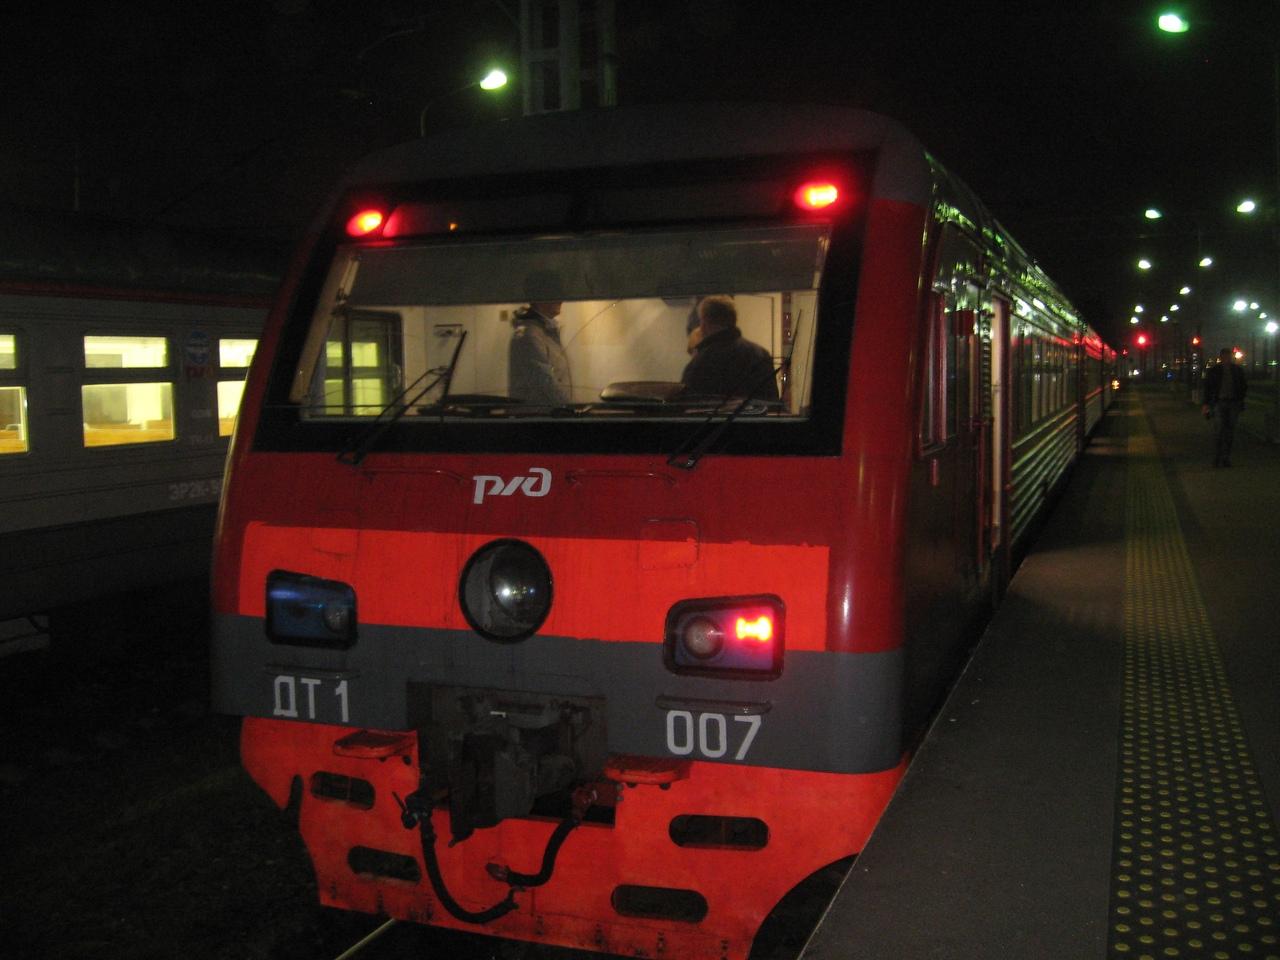 ДТ-1 - Самый крутой поезд России. Электричка и дизель в одном лице. Горжусь, что у нас есть такое!